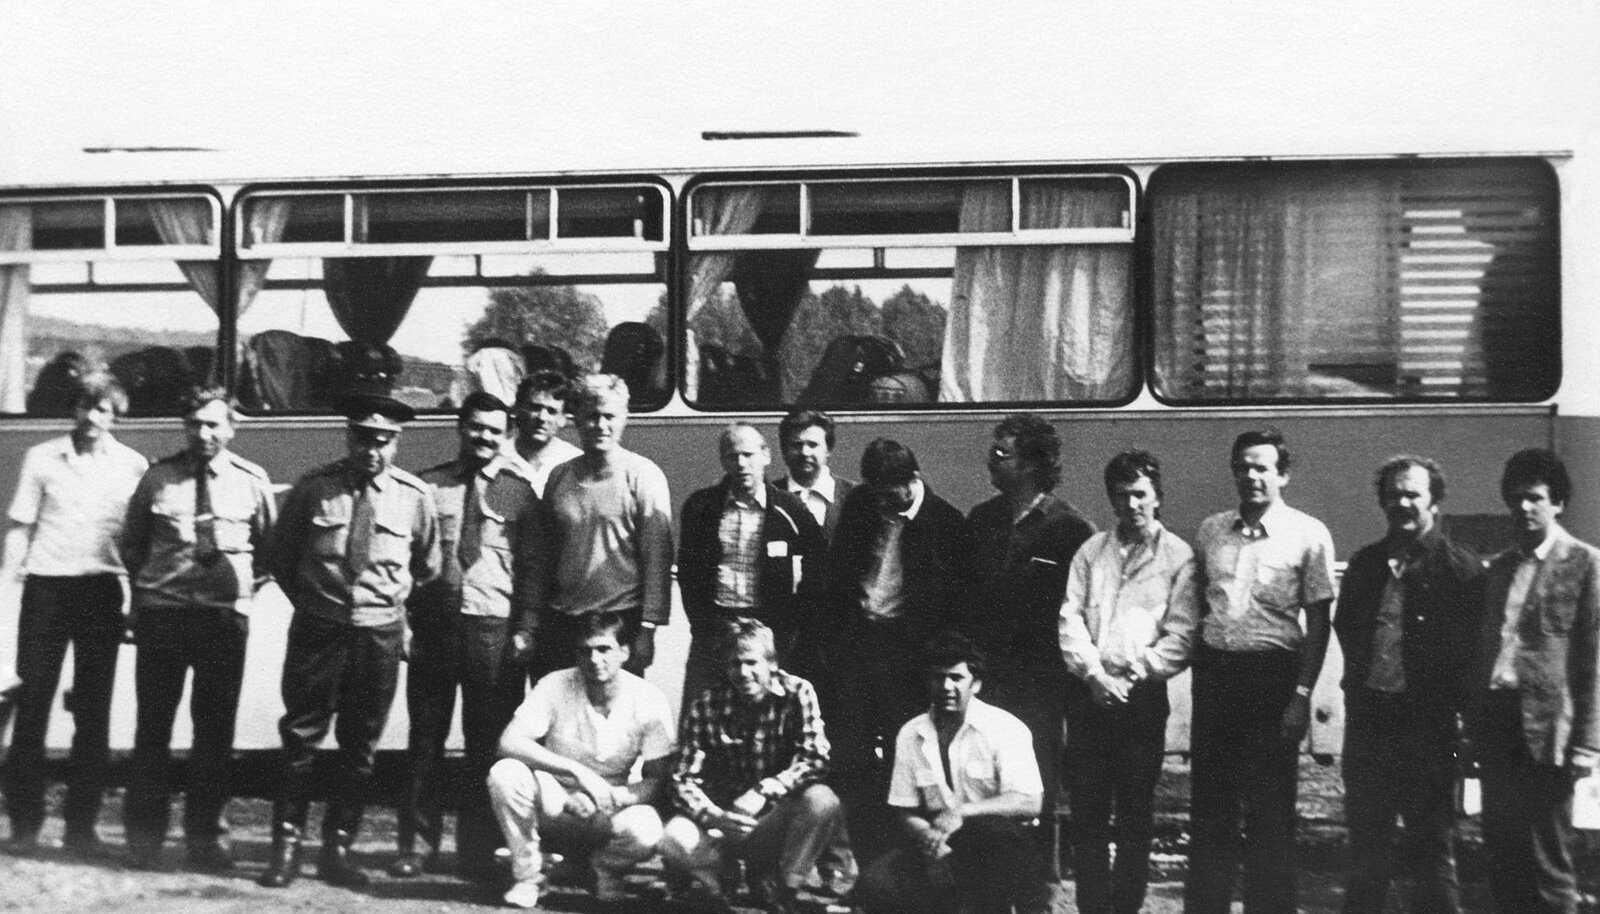 Eesti delegatsioon tagasiteel. Vasakult kolmas Roomet Kiudmaa, kuues Aivar Mäe, paremalt neljas Andres Oja, kõigi taga seisab Tõnis Avikson. Ees keskel kükitab ruudulises särgis Rein Laaneorg.